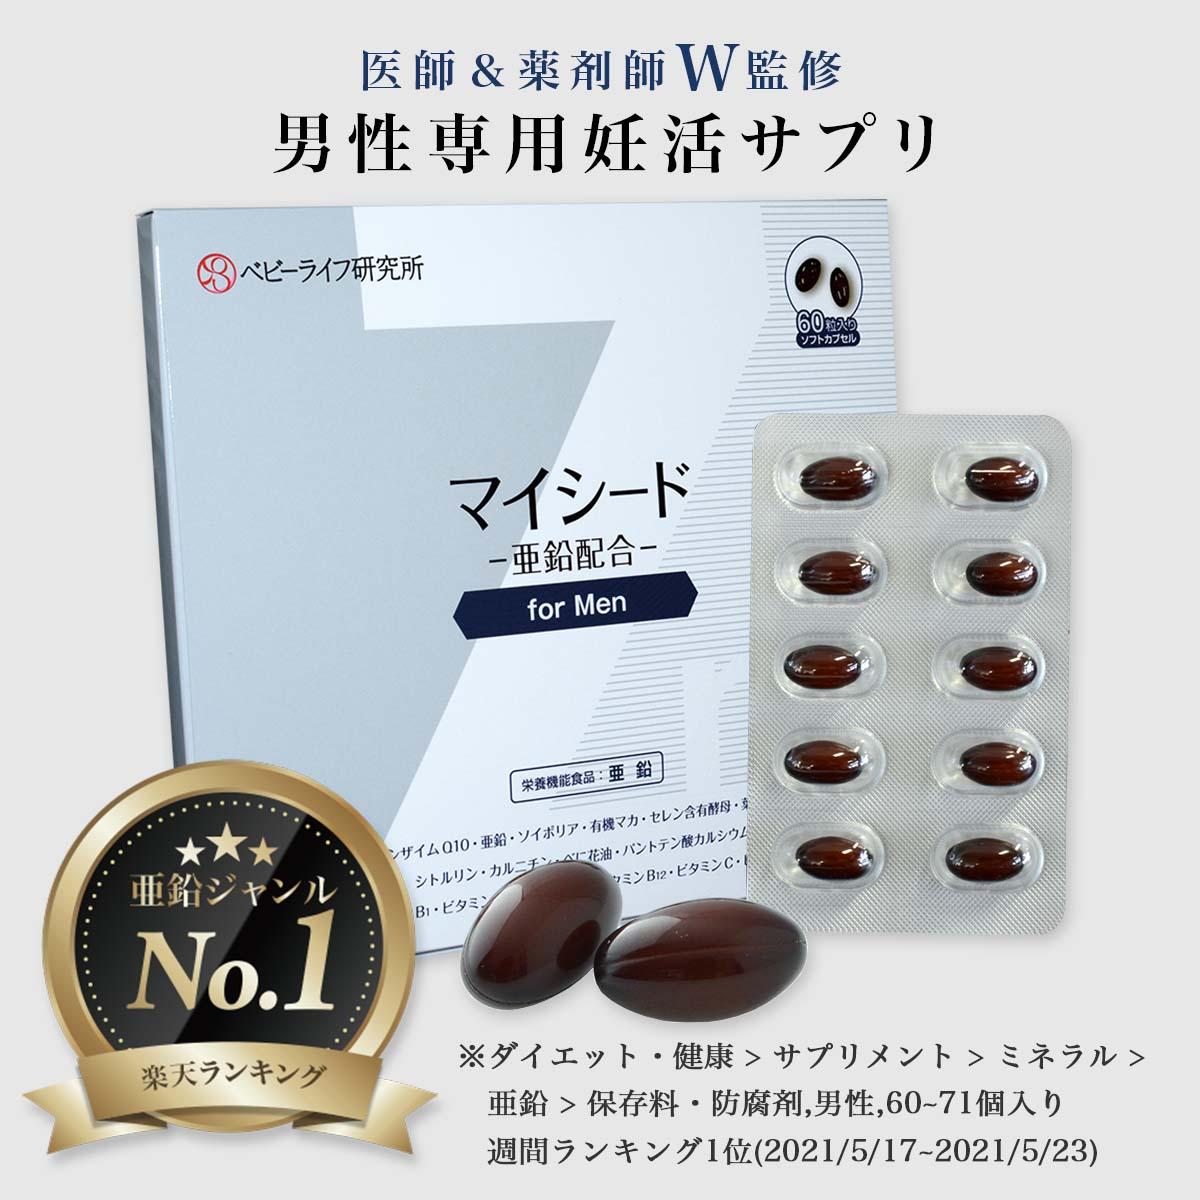 【医師·薬剤師W監修】マイシード - 亜鉛配合 - for Men